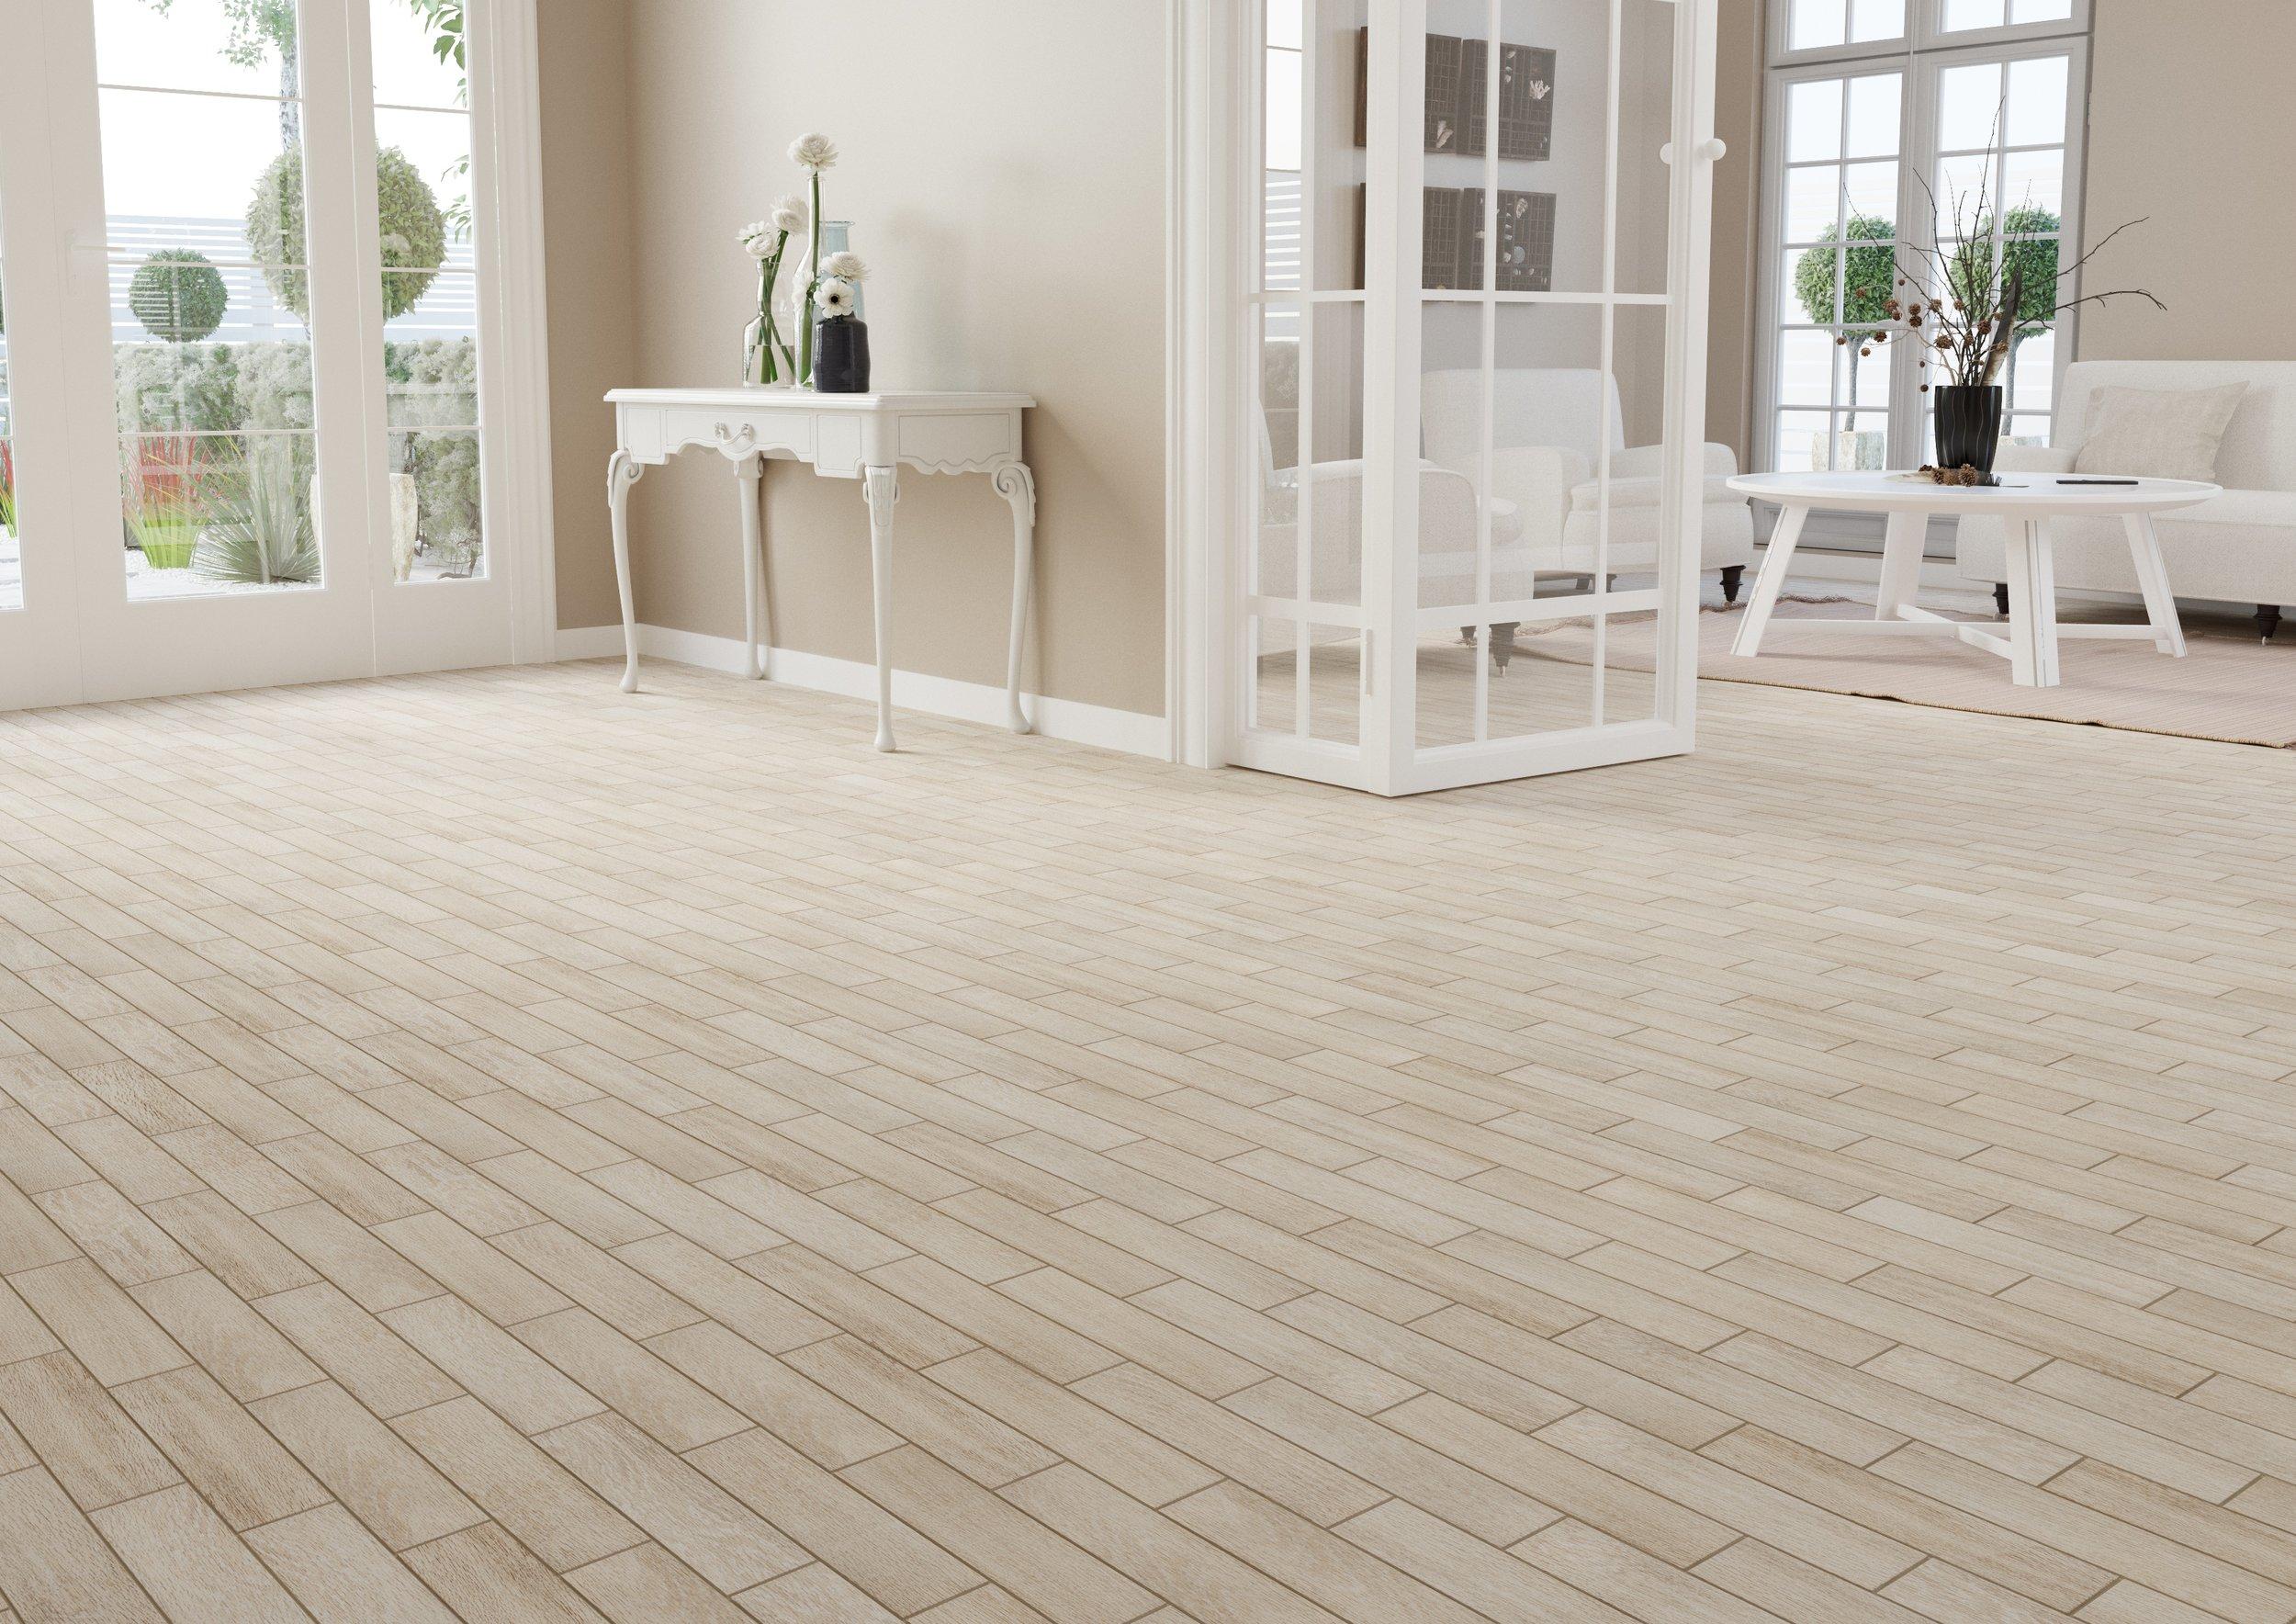 wizualizacje+płytek+ceramicznych_wizualizacje+podłog+drewnianych+(3).jpg.jpg